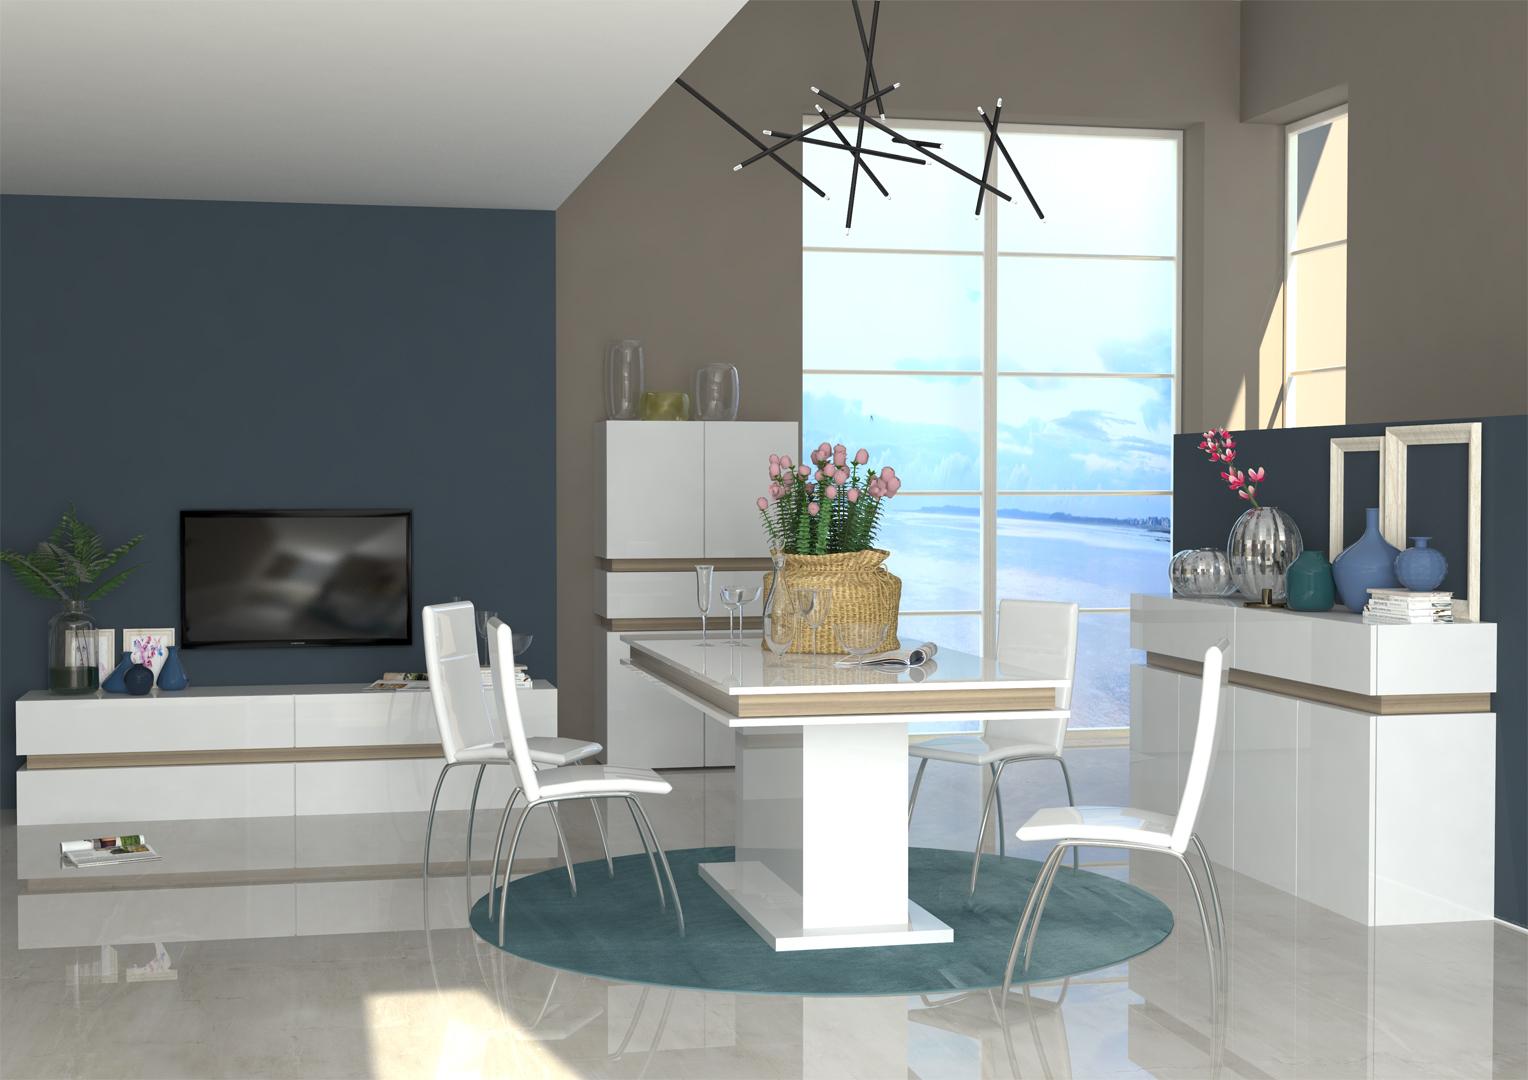 Table de salle manger design extensible blanc laqu - Table salle a manger design blanc laque ...